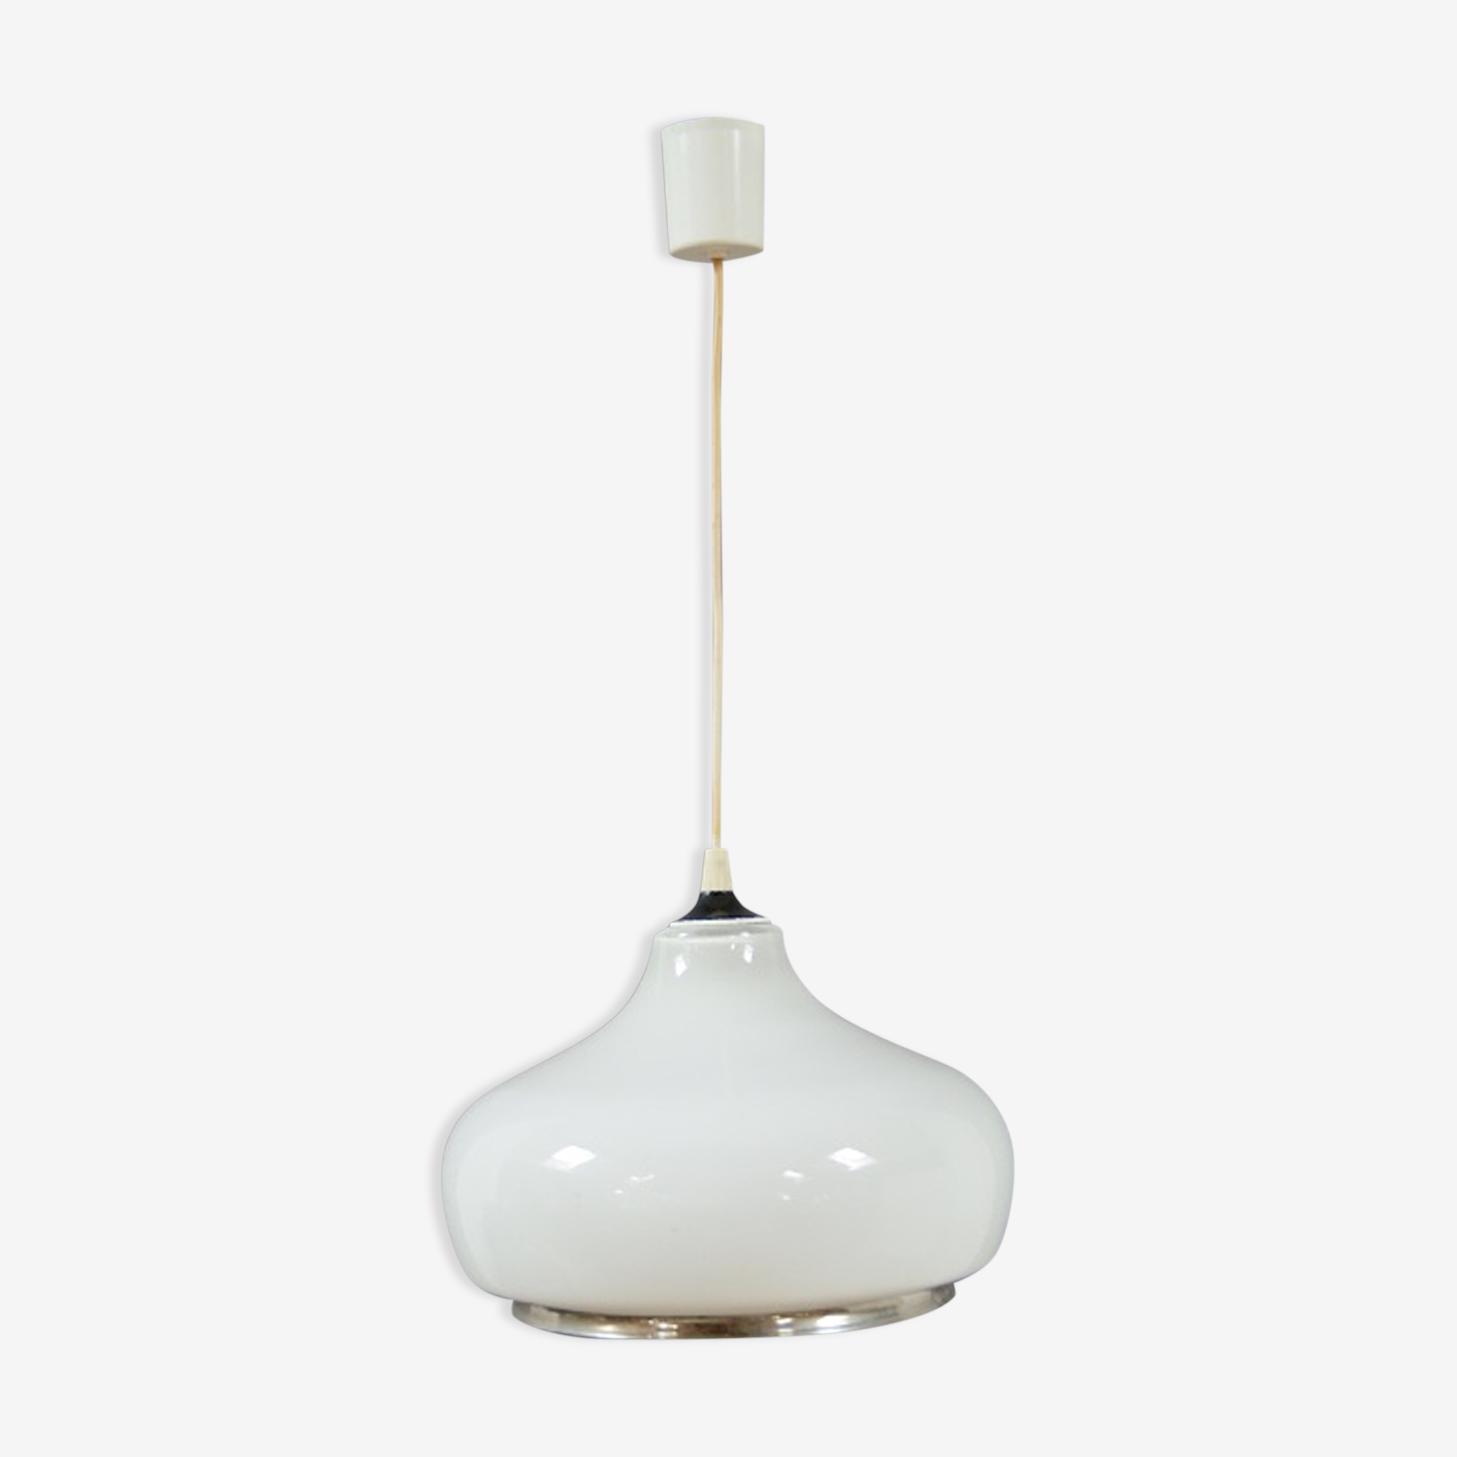 White hanging lamp